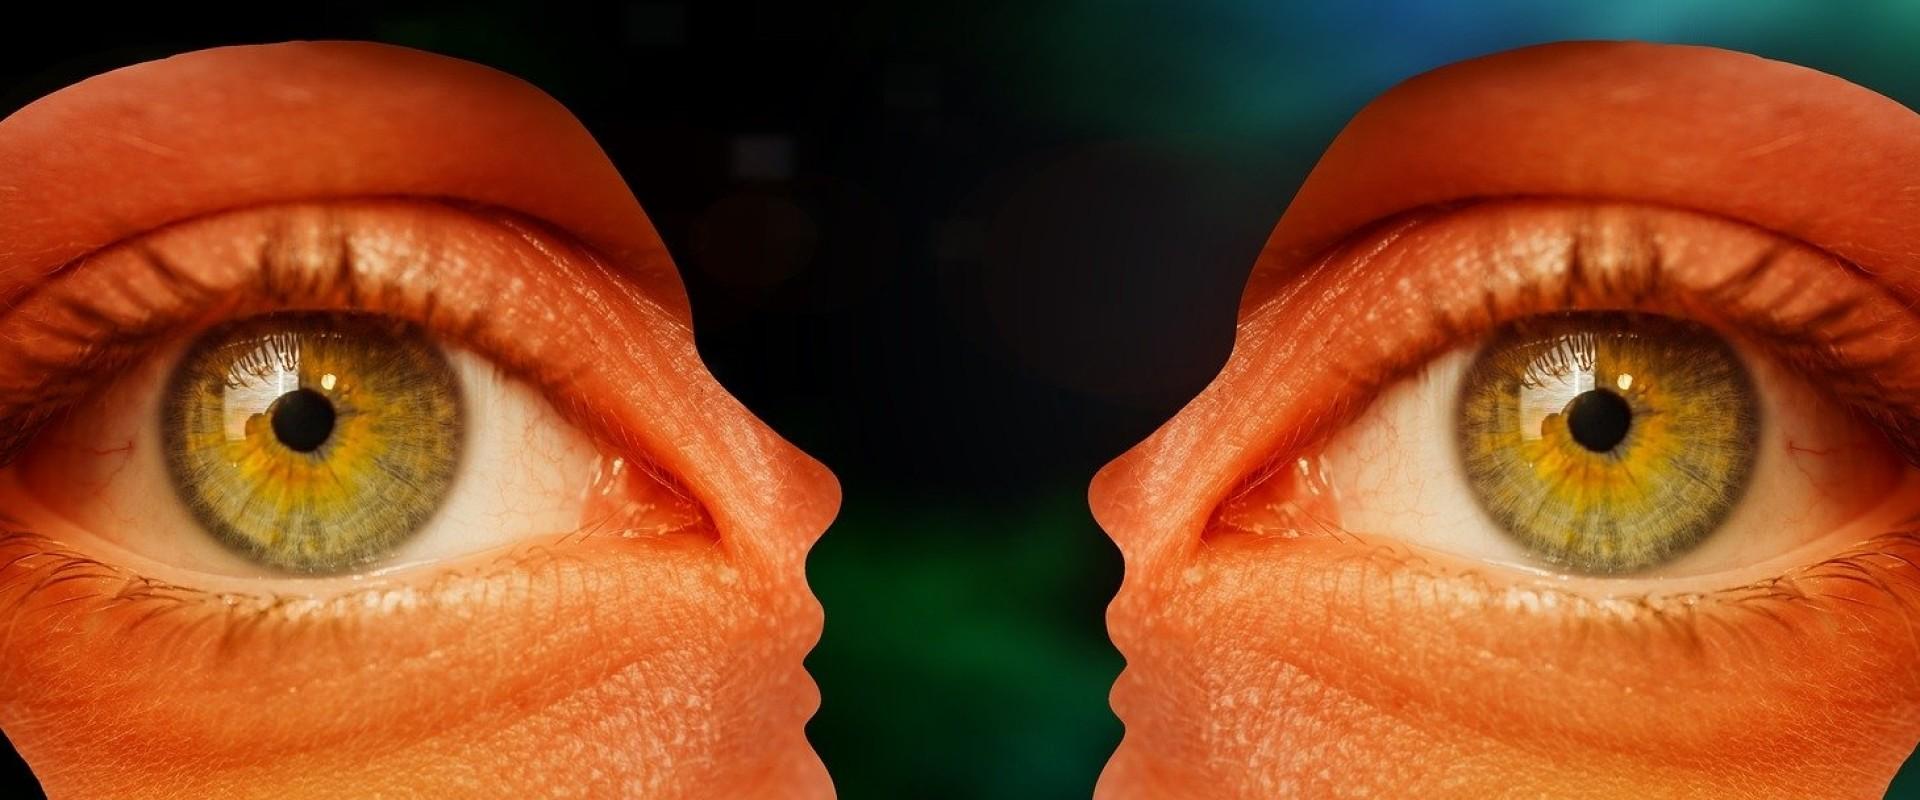 Perceptie - Wat leeft er in jouw veld van bewustzijn?